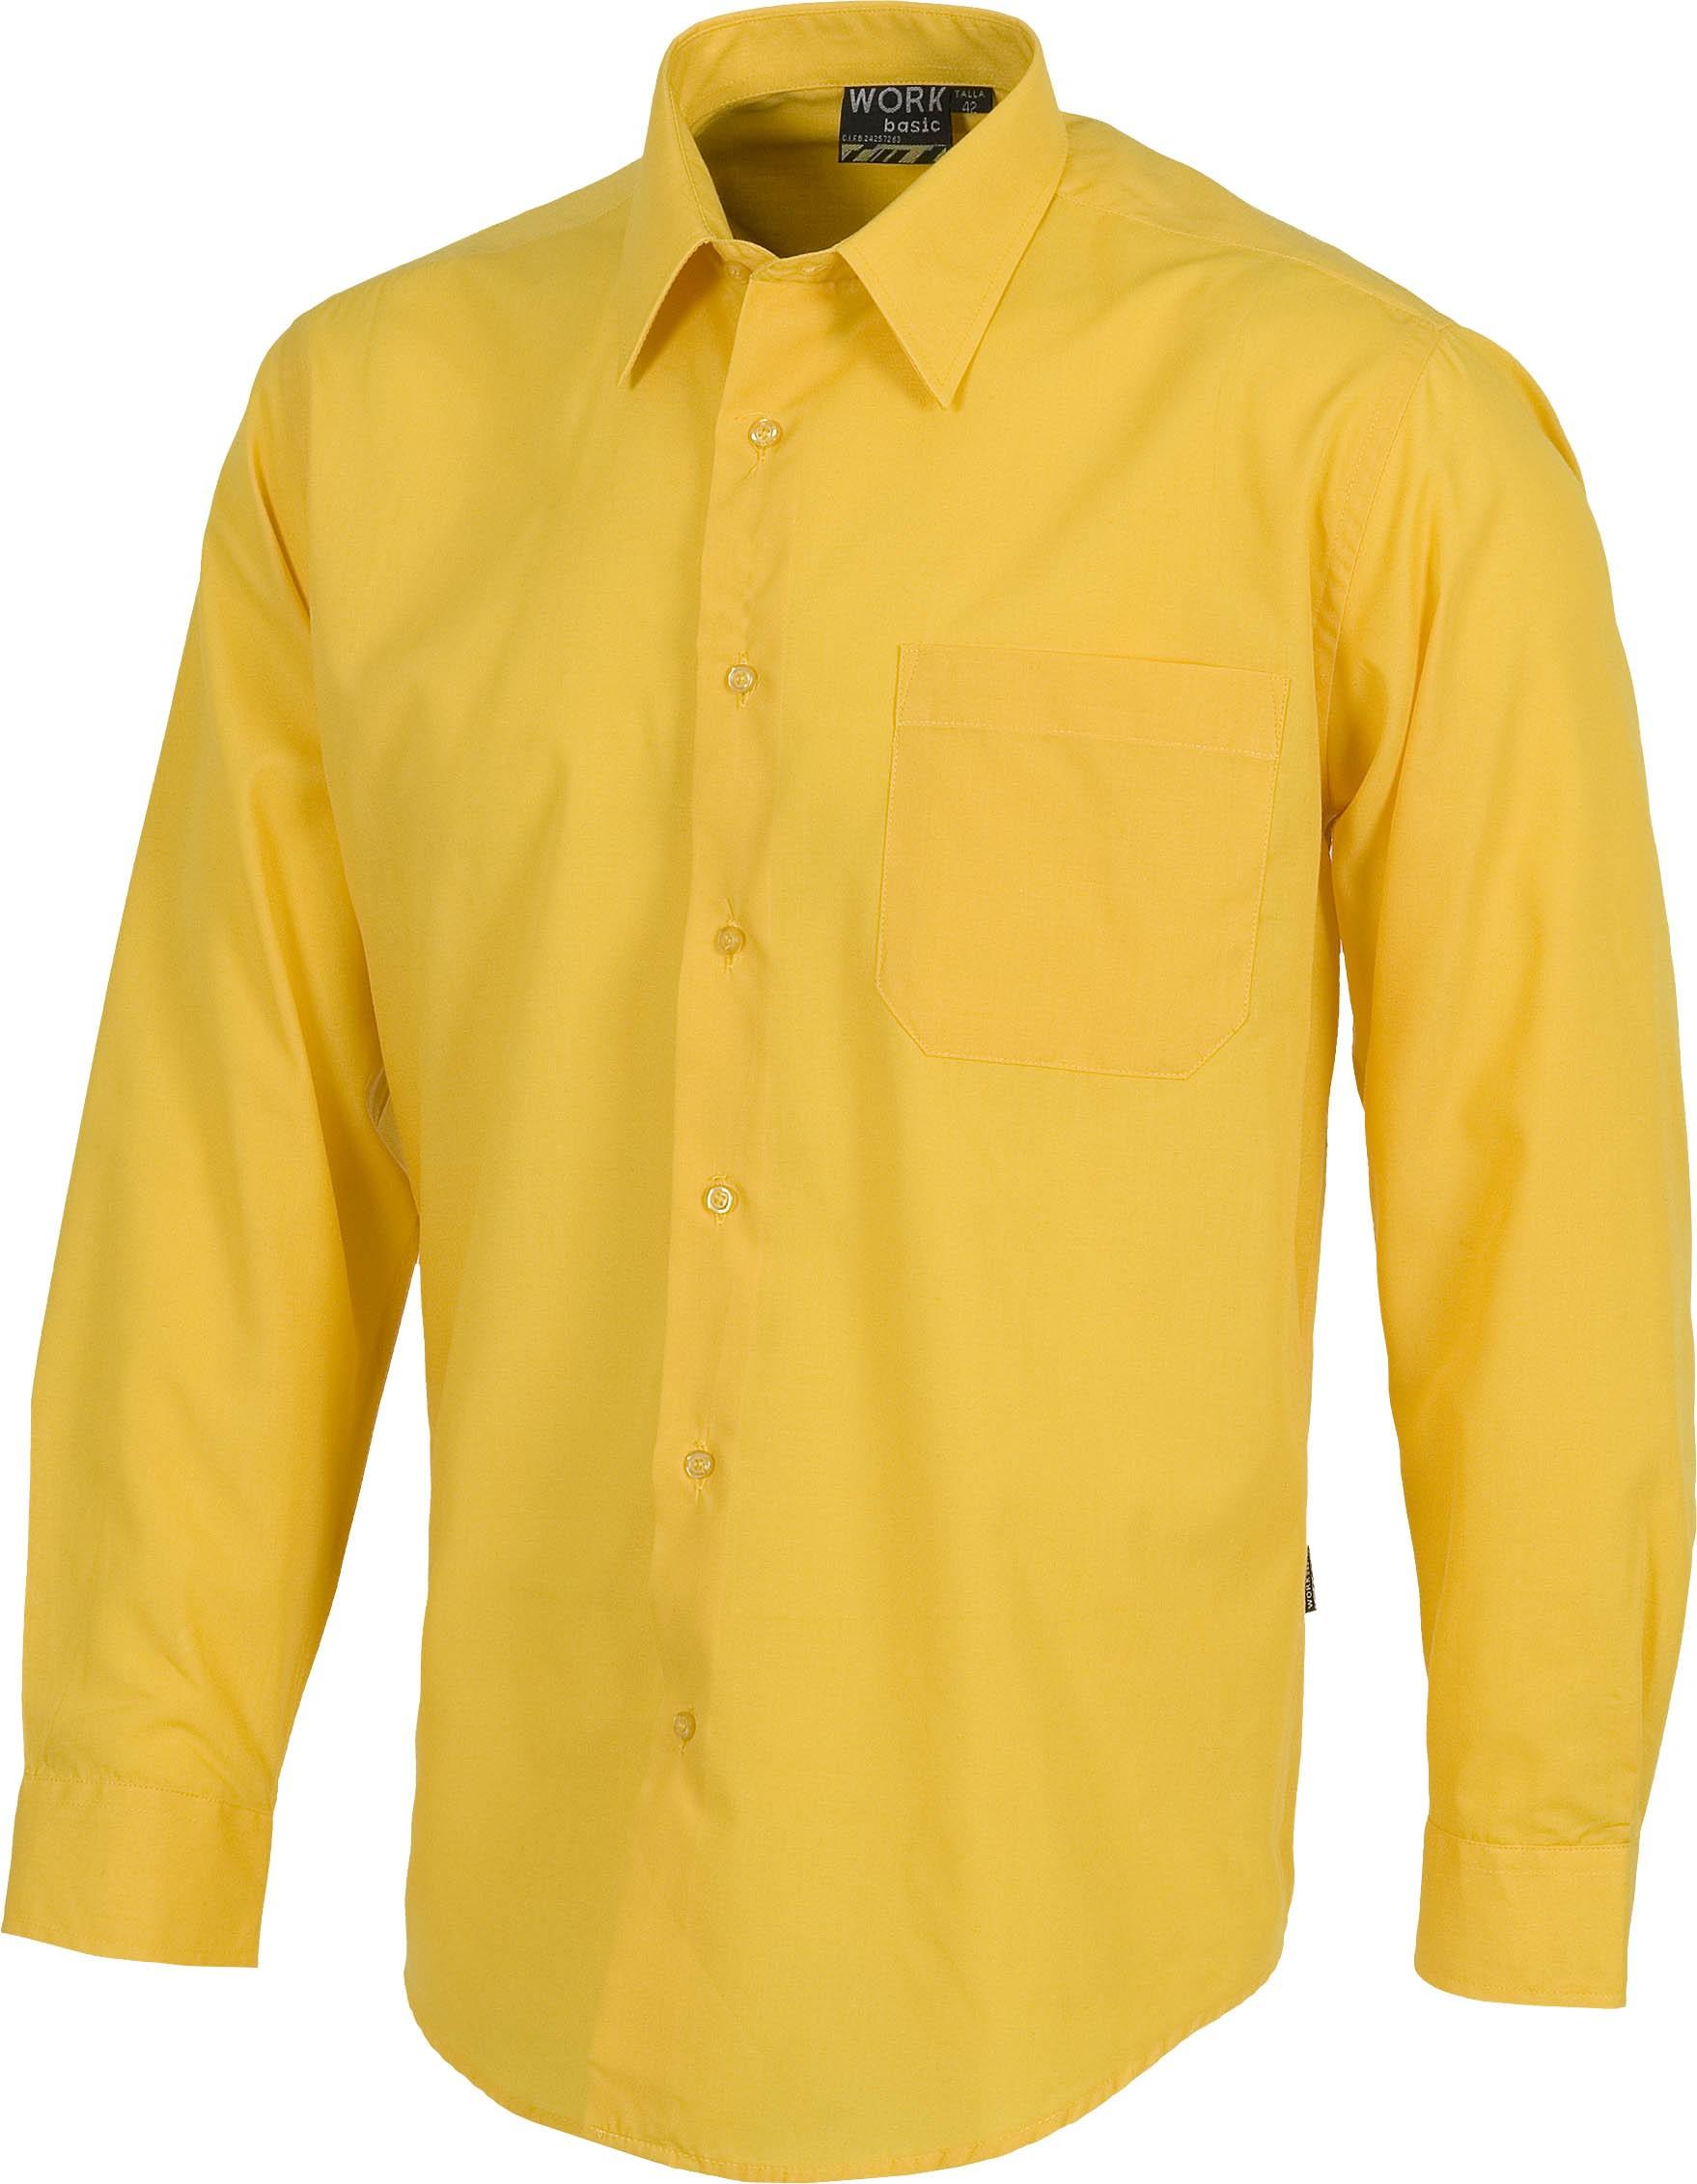 Trabajo Escon Laboral De Camisas Amarillas eEHW2YID9b